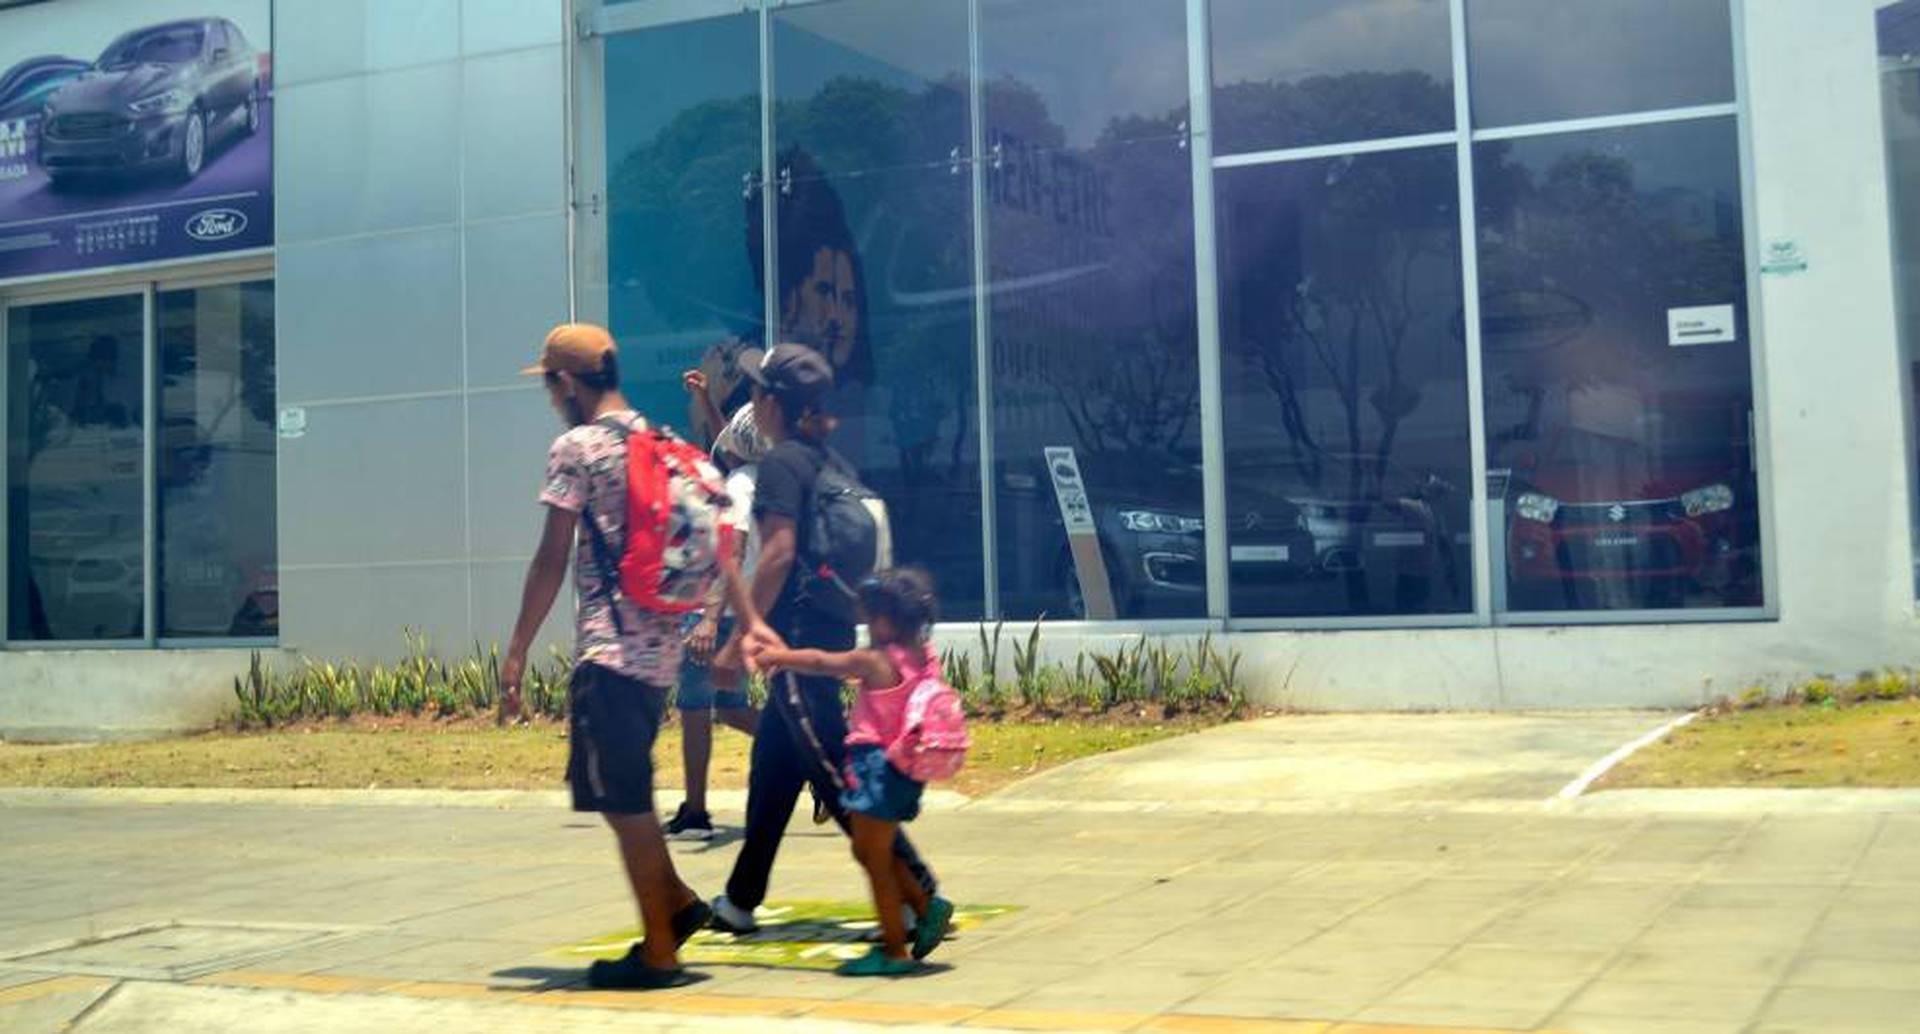 En medio de la cuarentena, se ven familias enteras de migrantes caminando por Bucaramanga, buscando su sustento, muchos de ellos con niños.